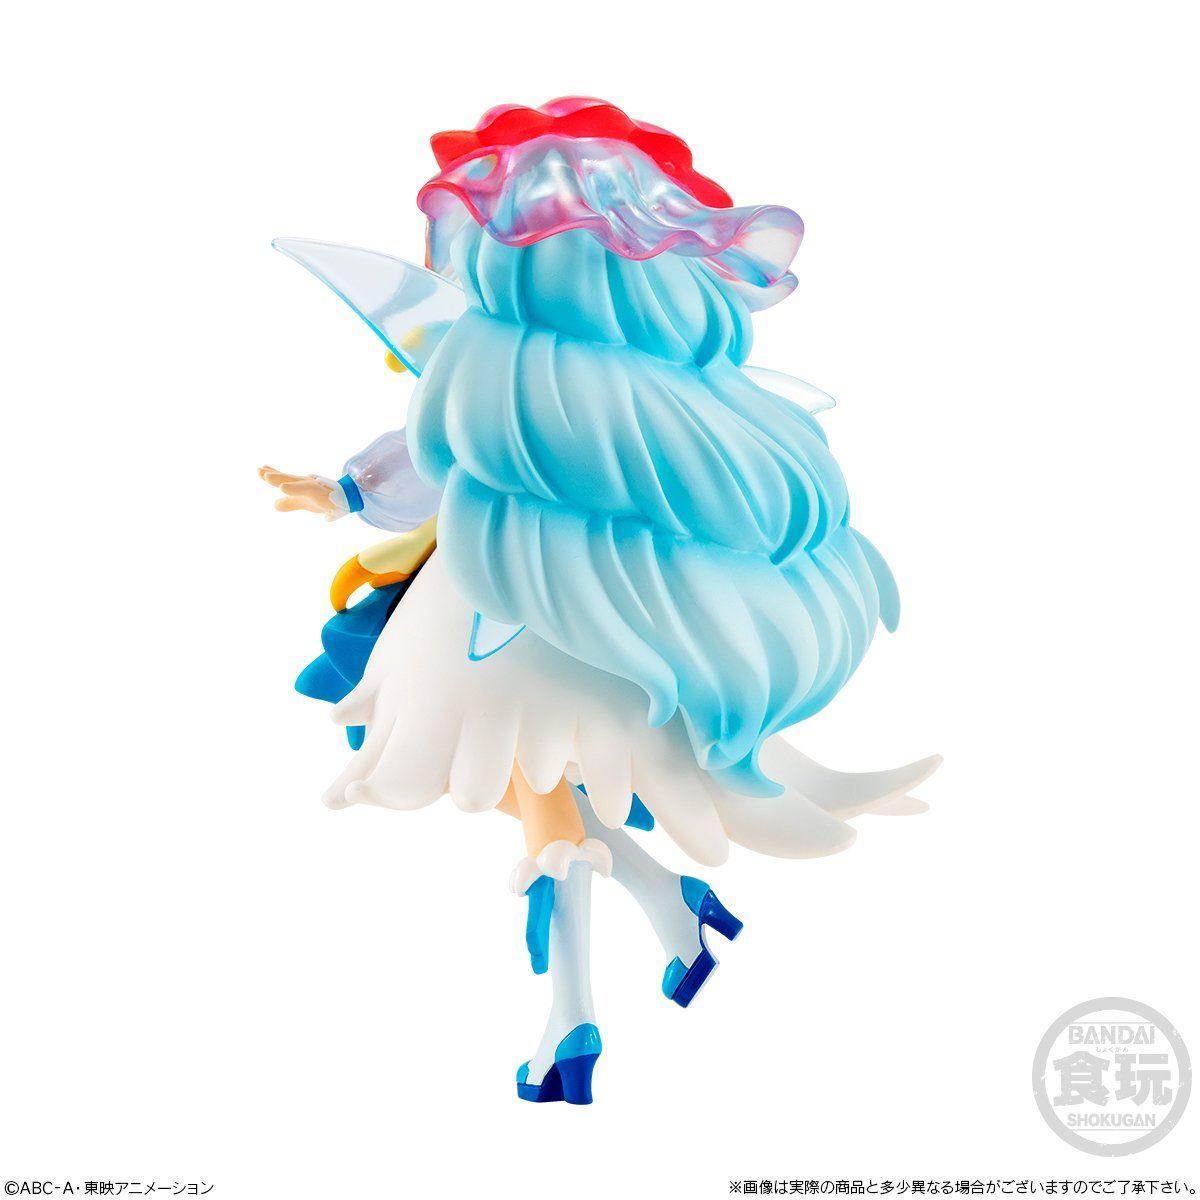 【限定販売】【食玩】HUGっと!プリキュア『キュアアンジュ&キュアエトワール』 トレーディング・フィギュア-003